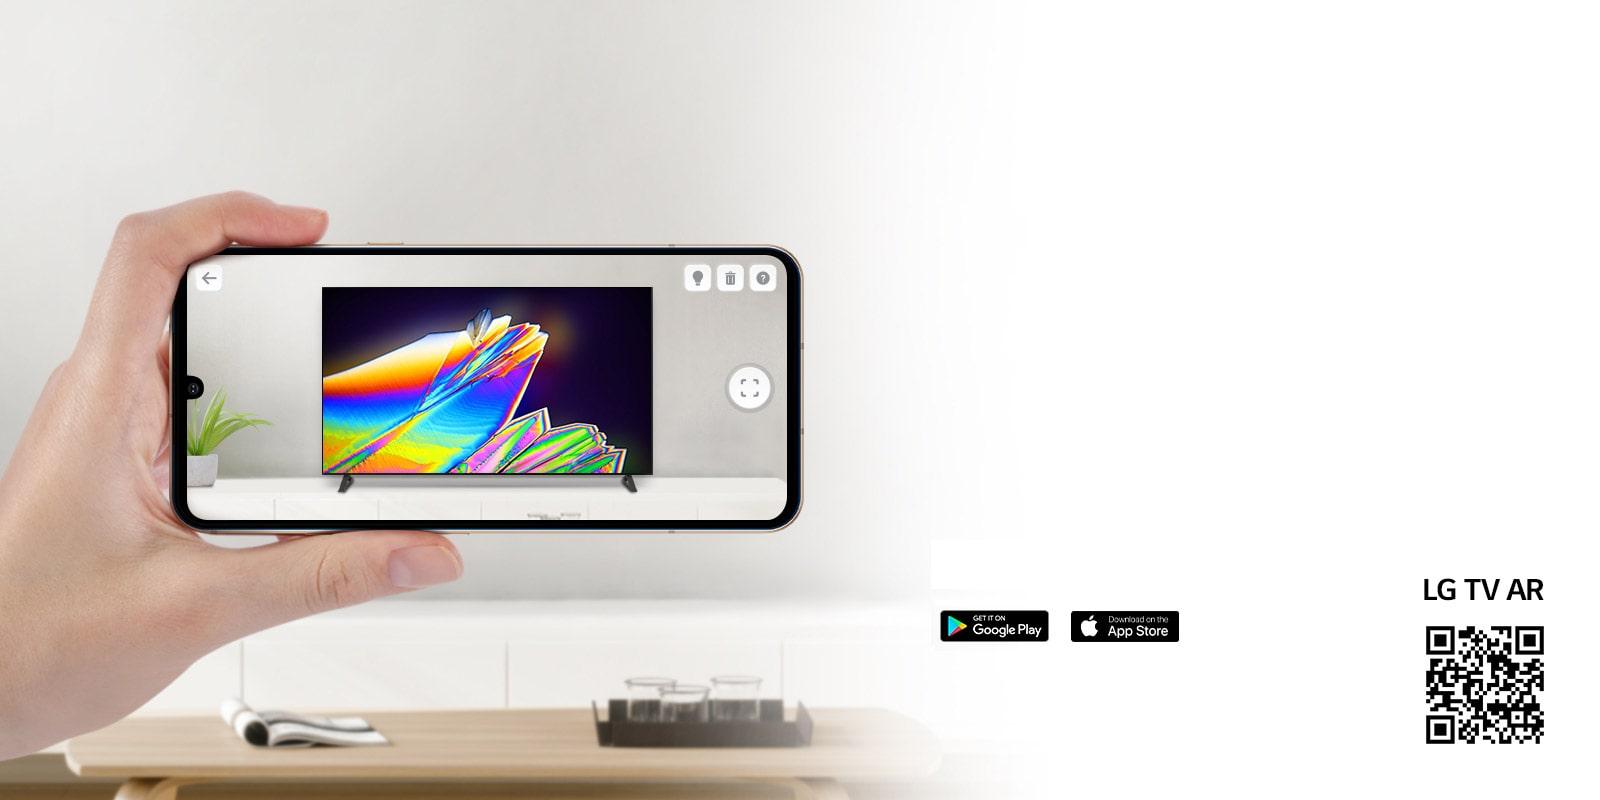 Oseba uporablja aplikacijo LG TV AR na svojem telefonu in se z njo poveže s kodo QR (http://www.lgtvism.com/lgtvar)